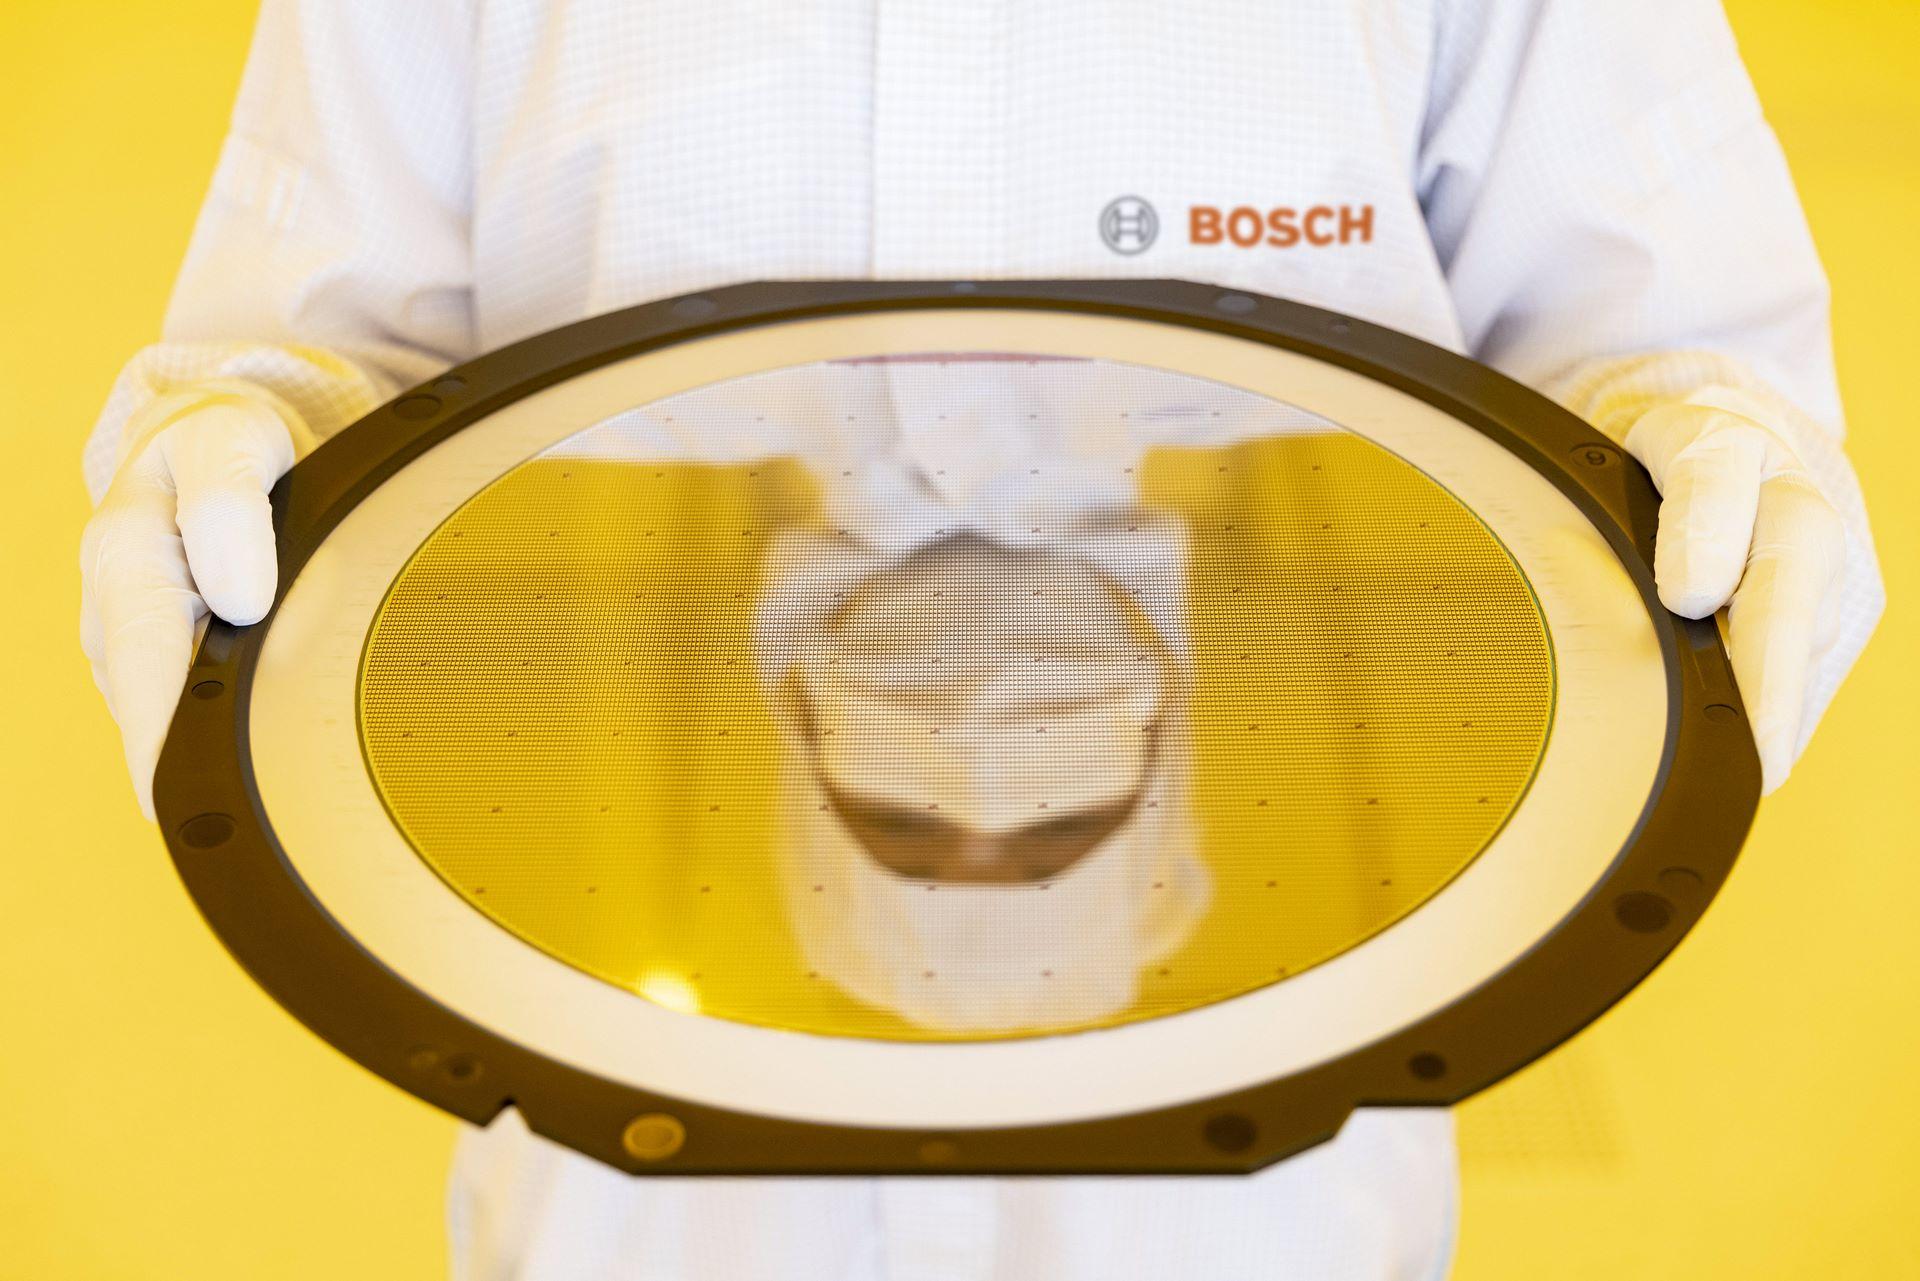 Bosch-chip-factory-Dresden-13